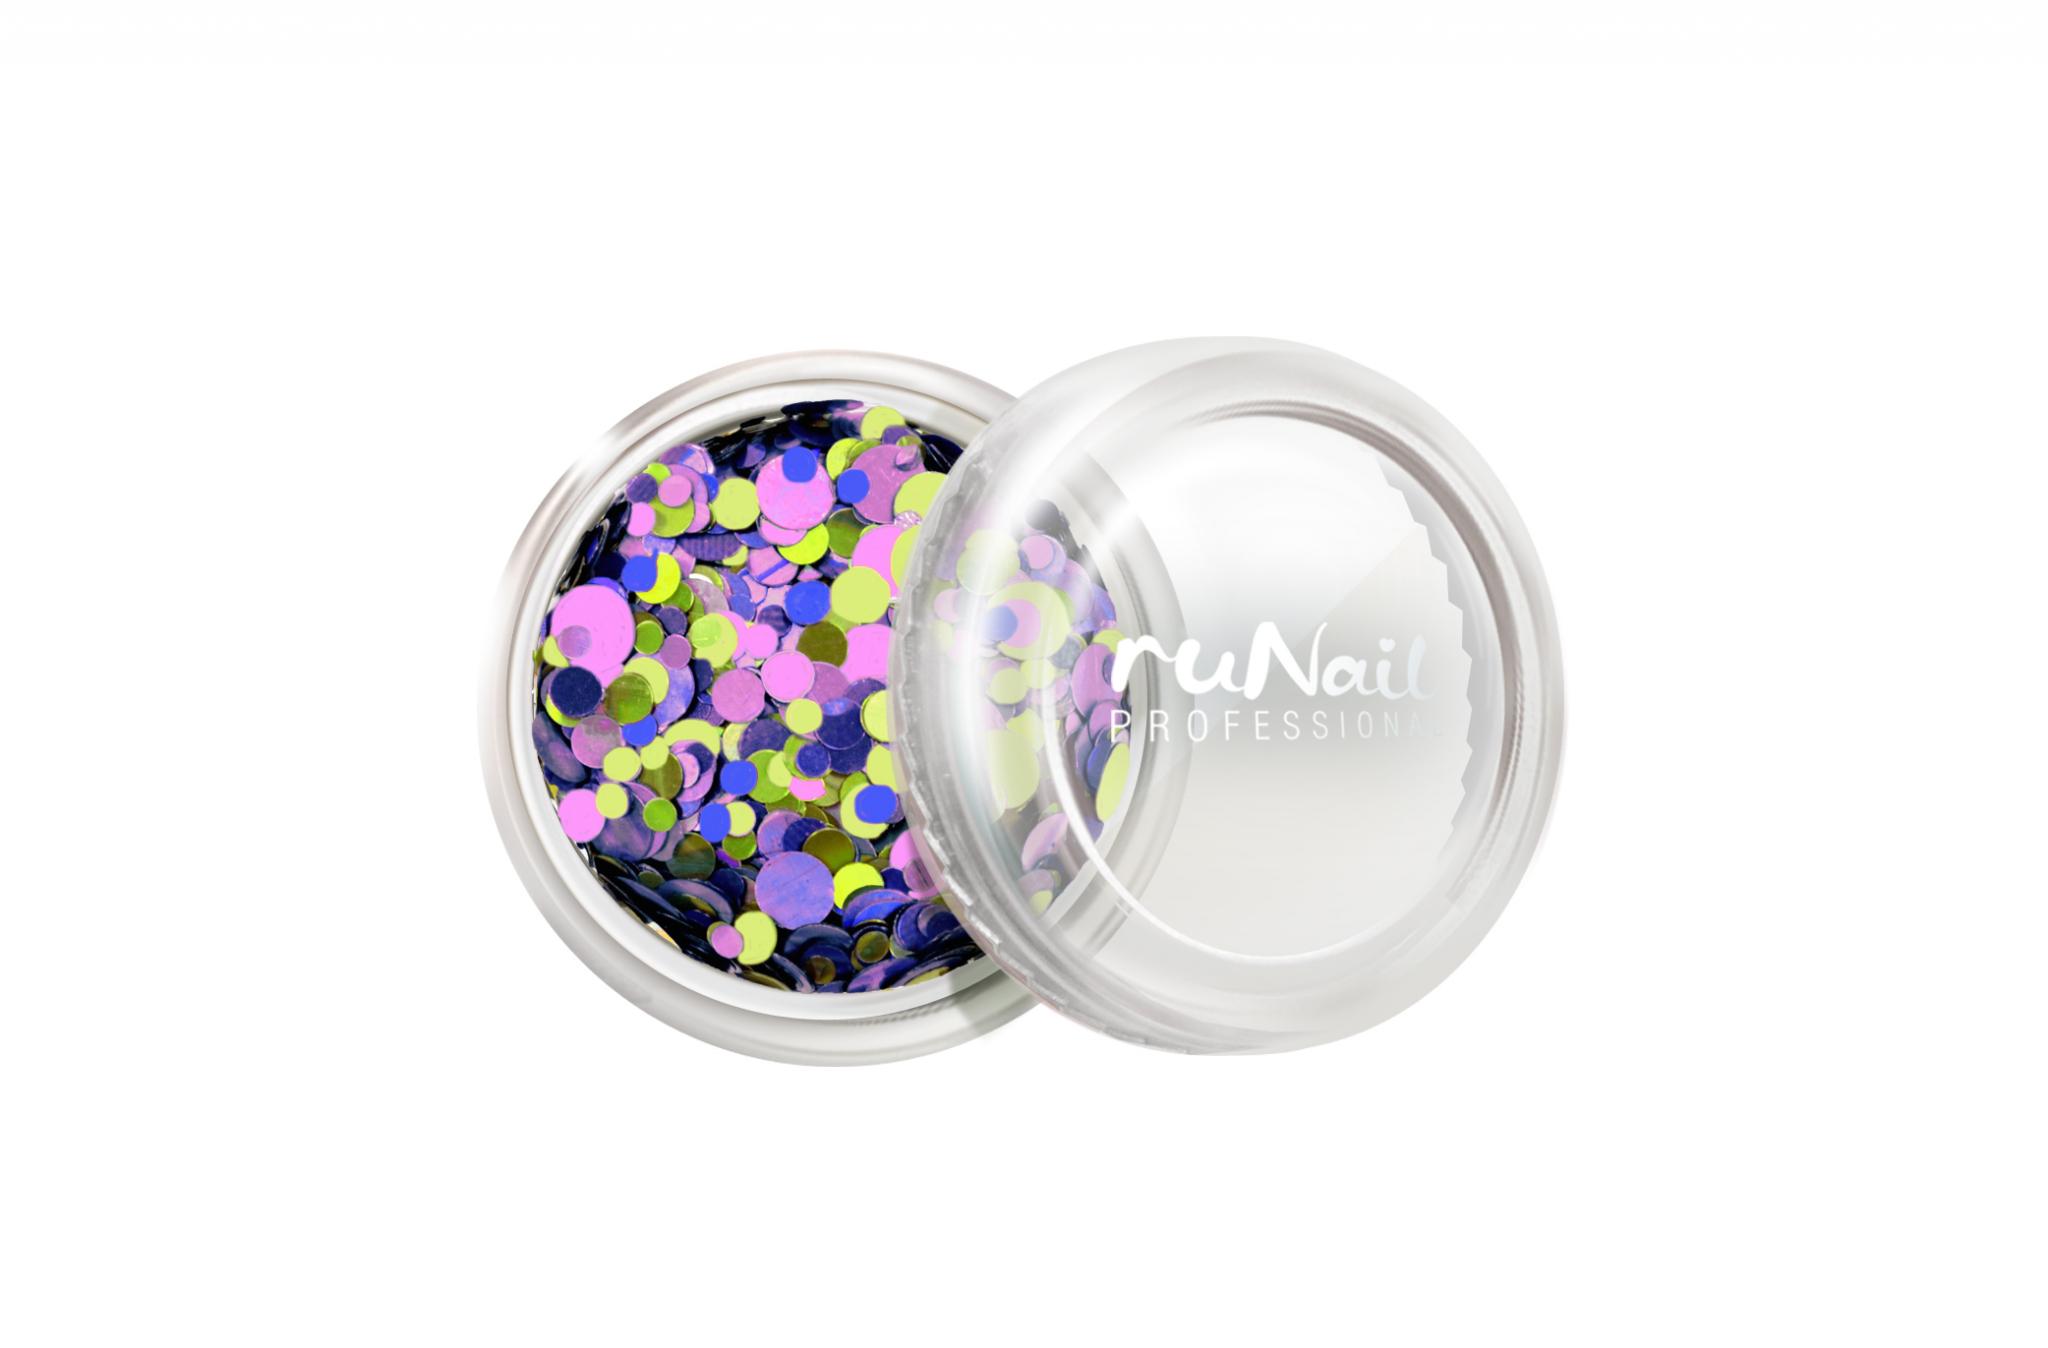 Дизайн для ногтей: камифубики №3299